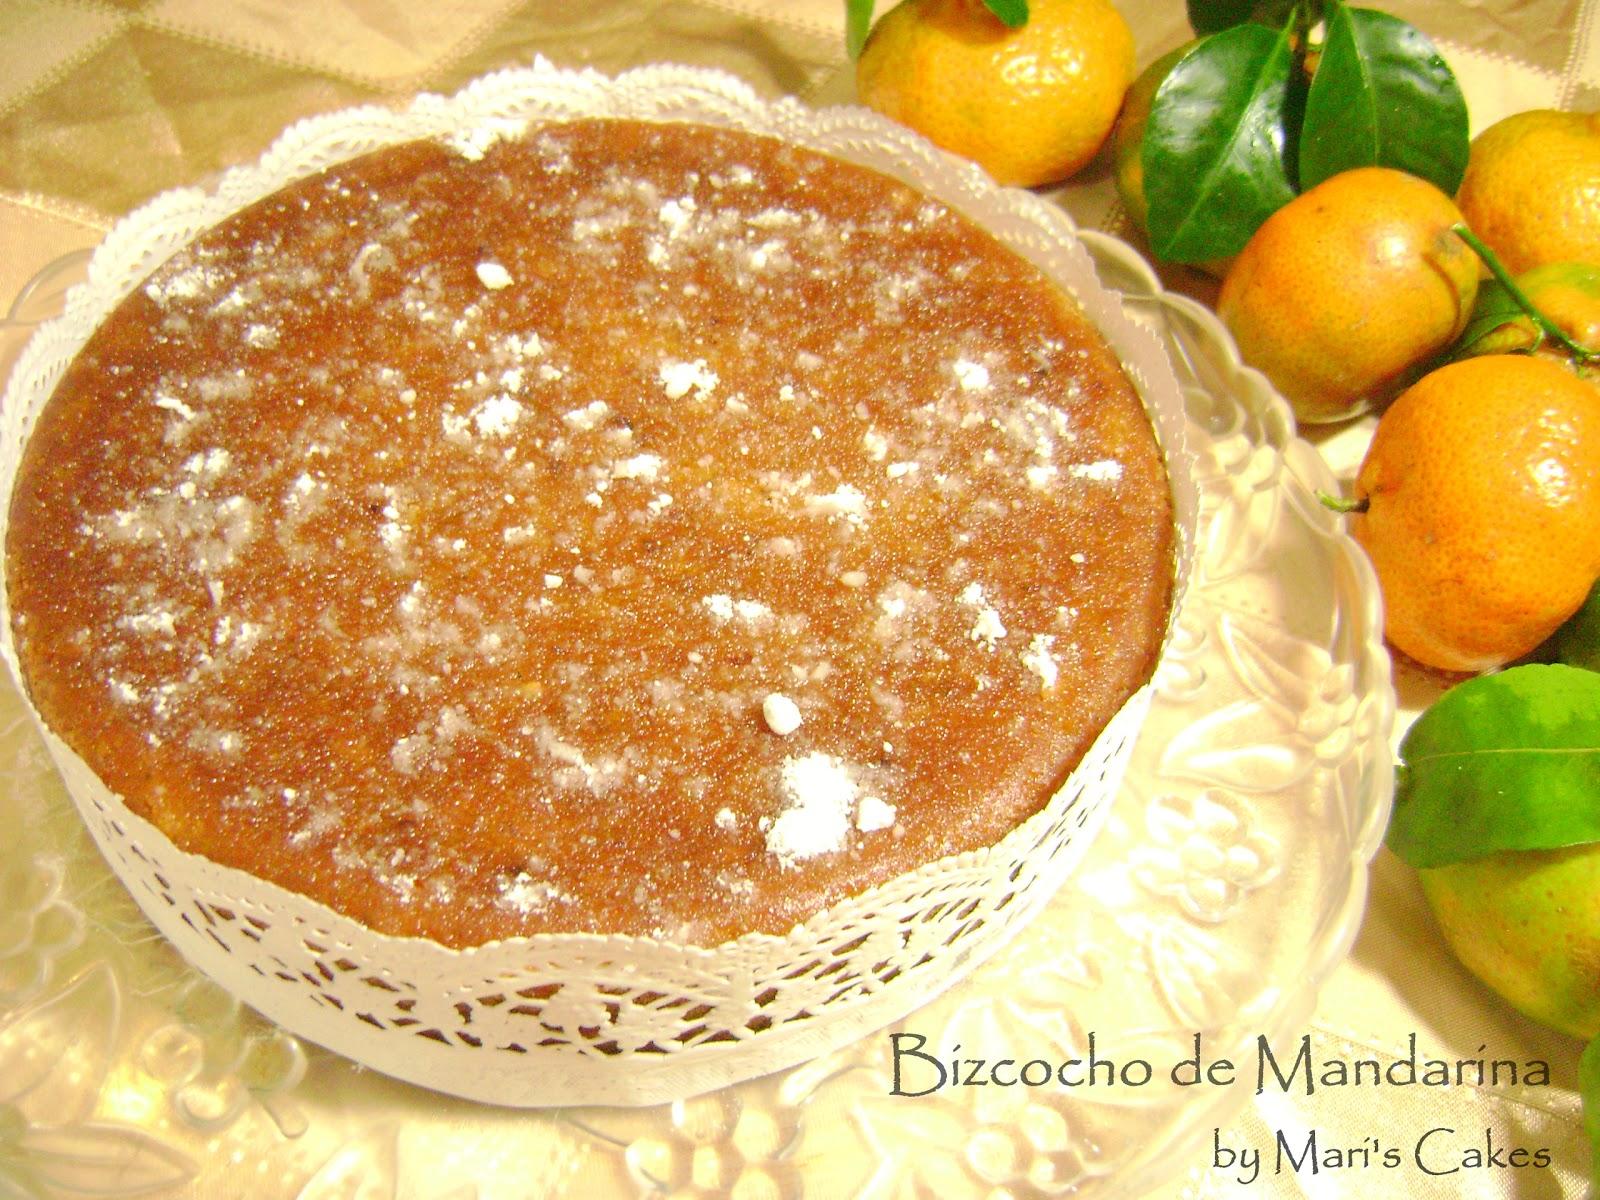 Mari S Cakes Bizcocho De Mandarina